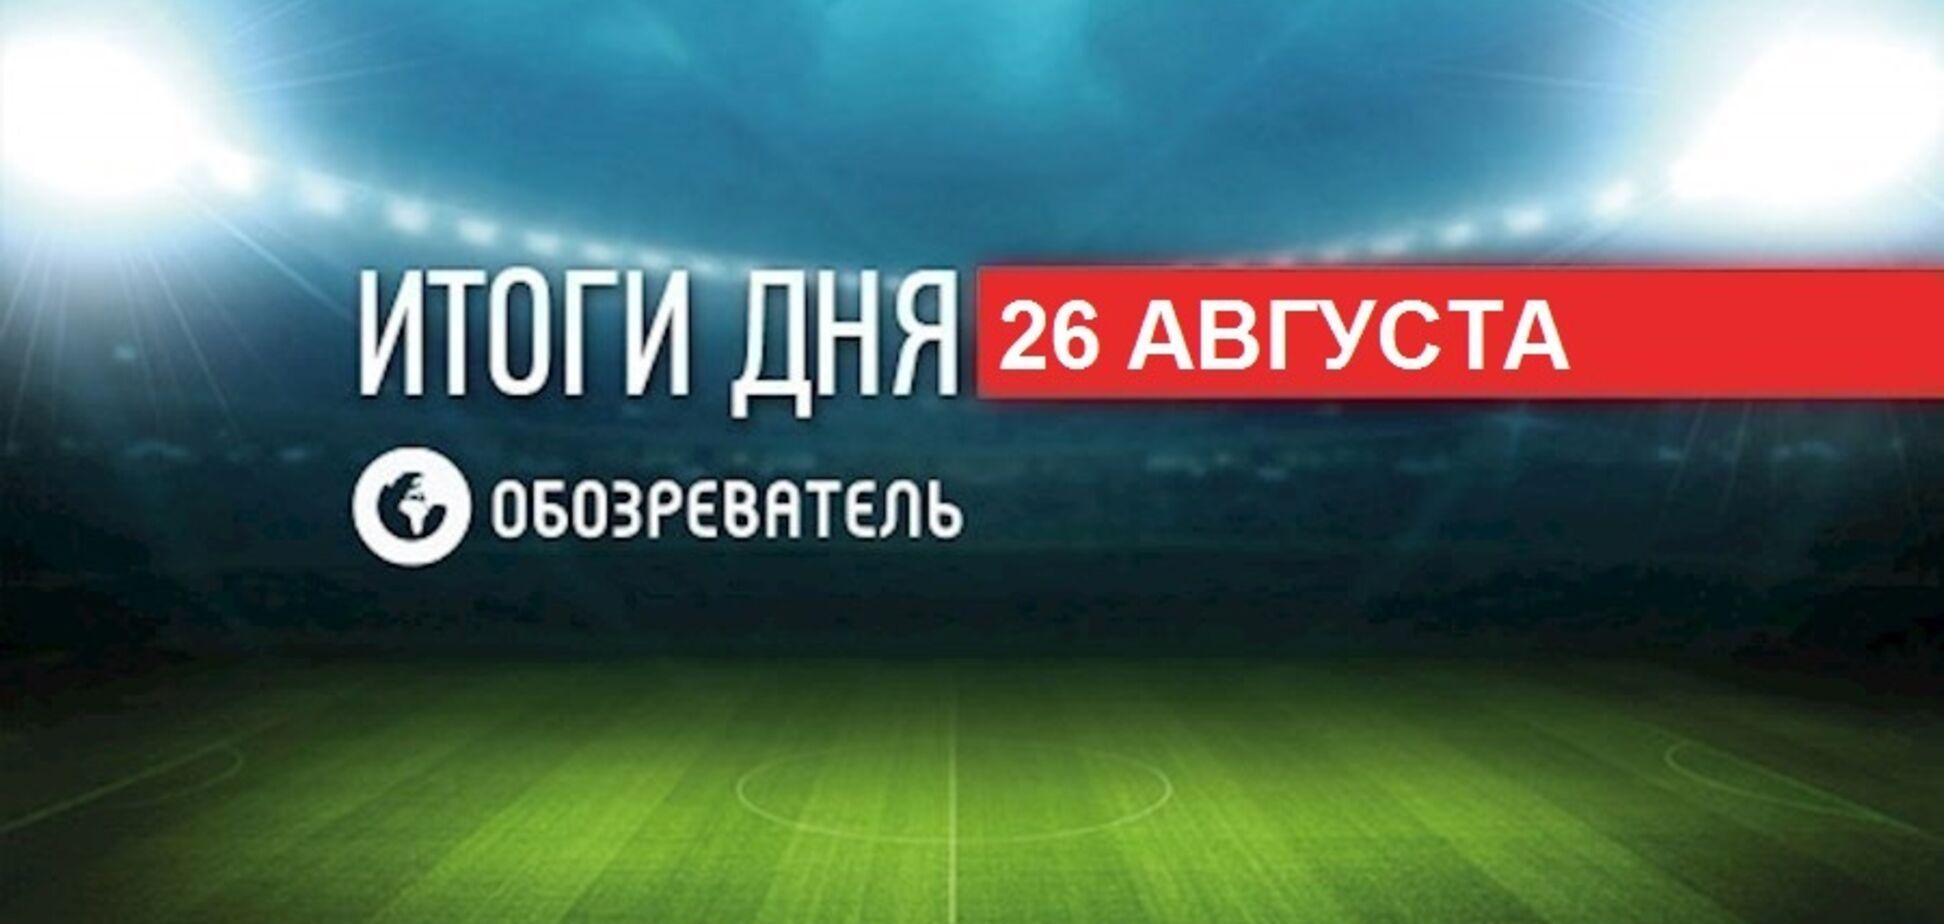 Пятов рассказал о фото с боевиками 'ДНР': спортивные итоги 26 августа